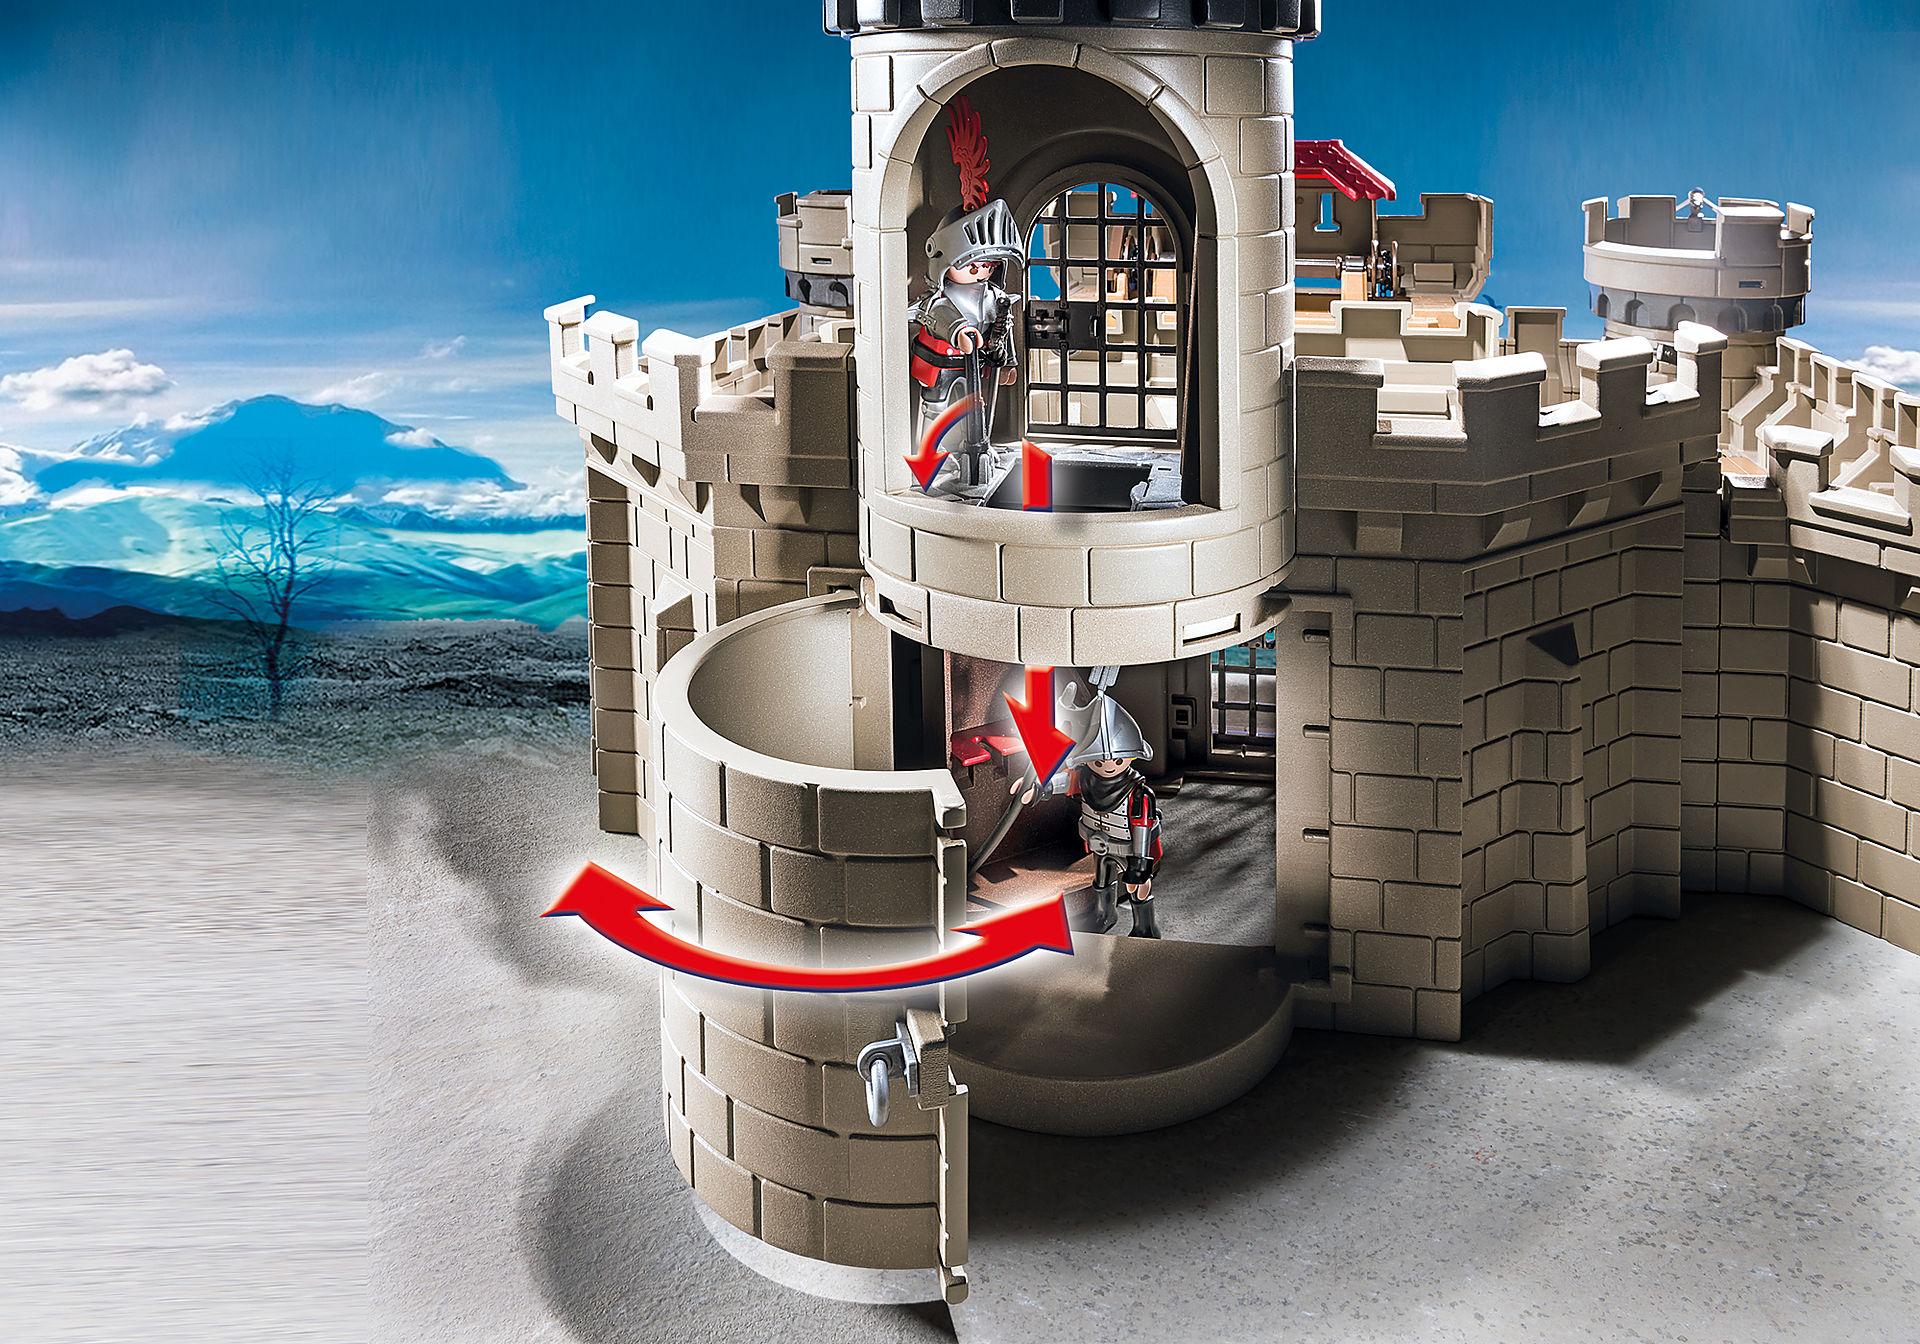 http://media.playmobil.com/i/playmobil/6001_product_extra3/Castelo dos Cavaleiros do Falcão